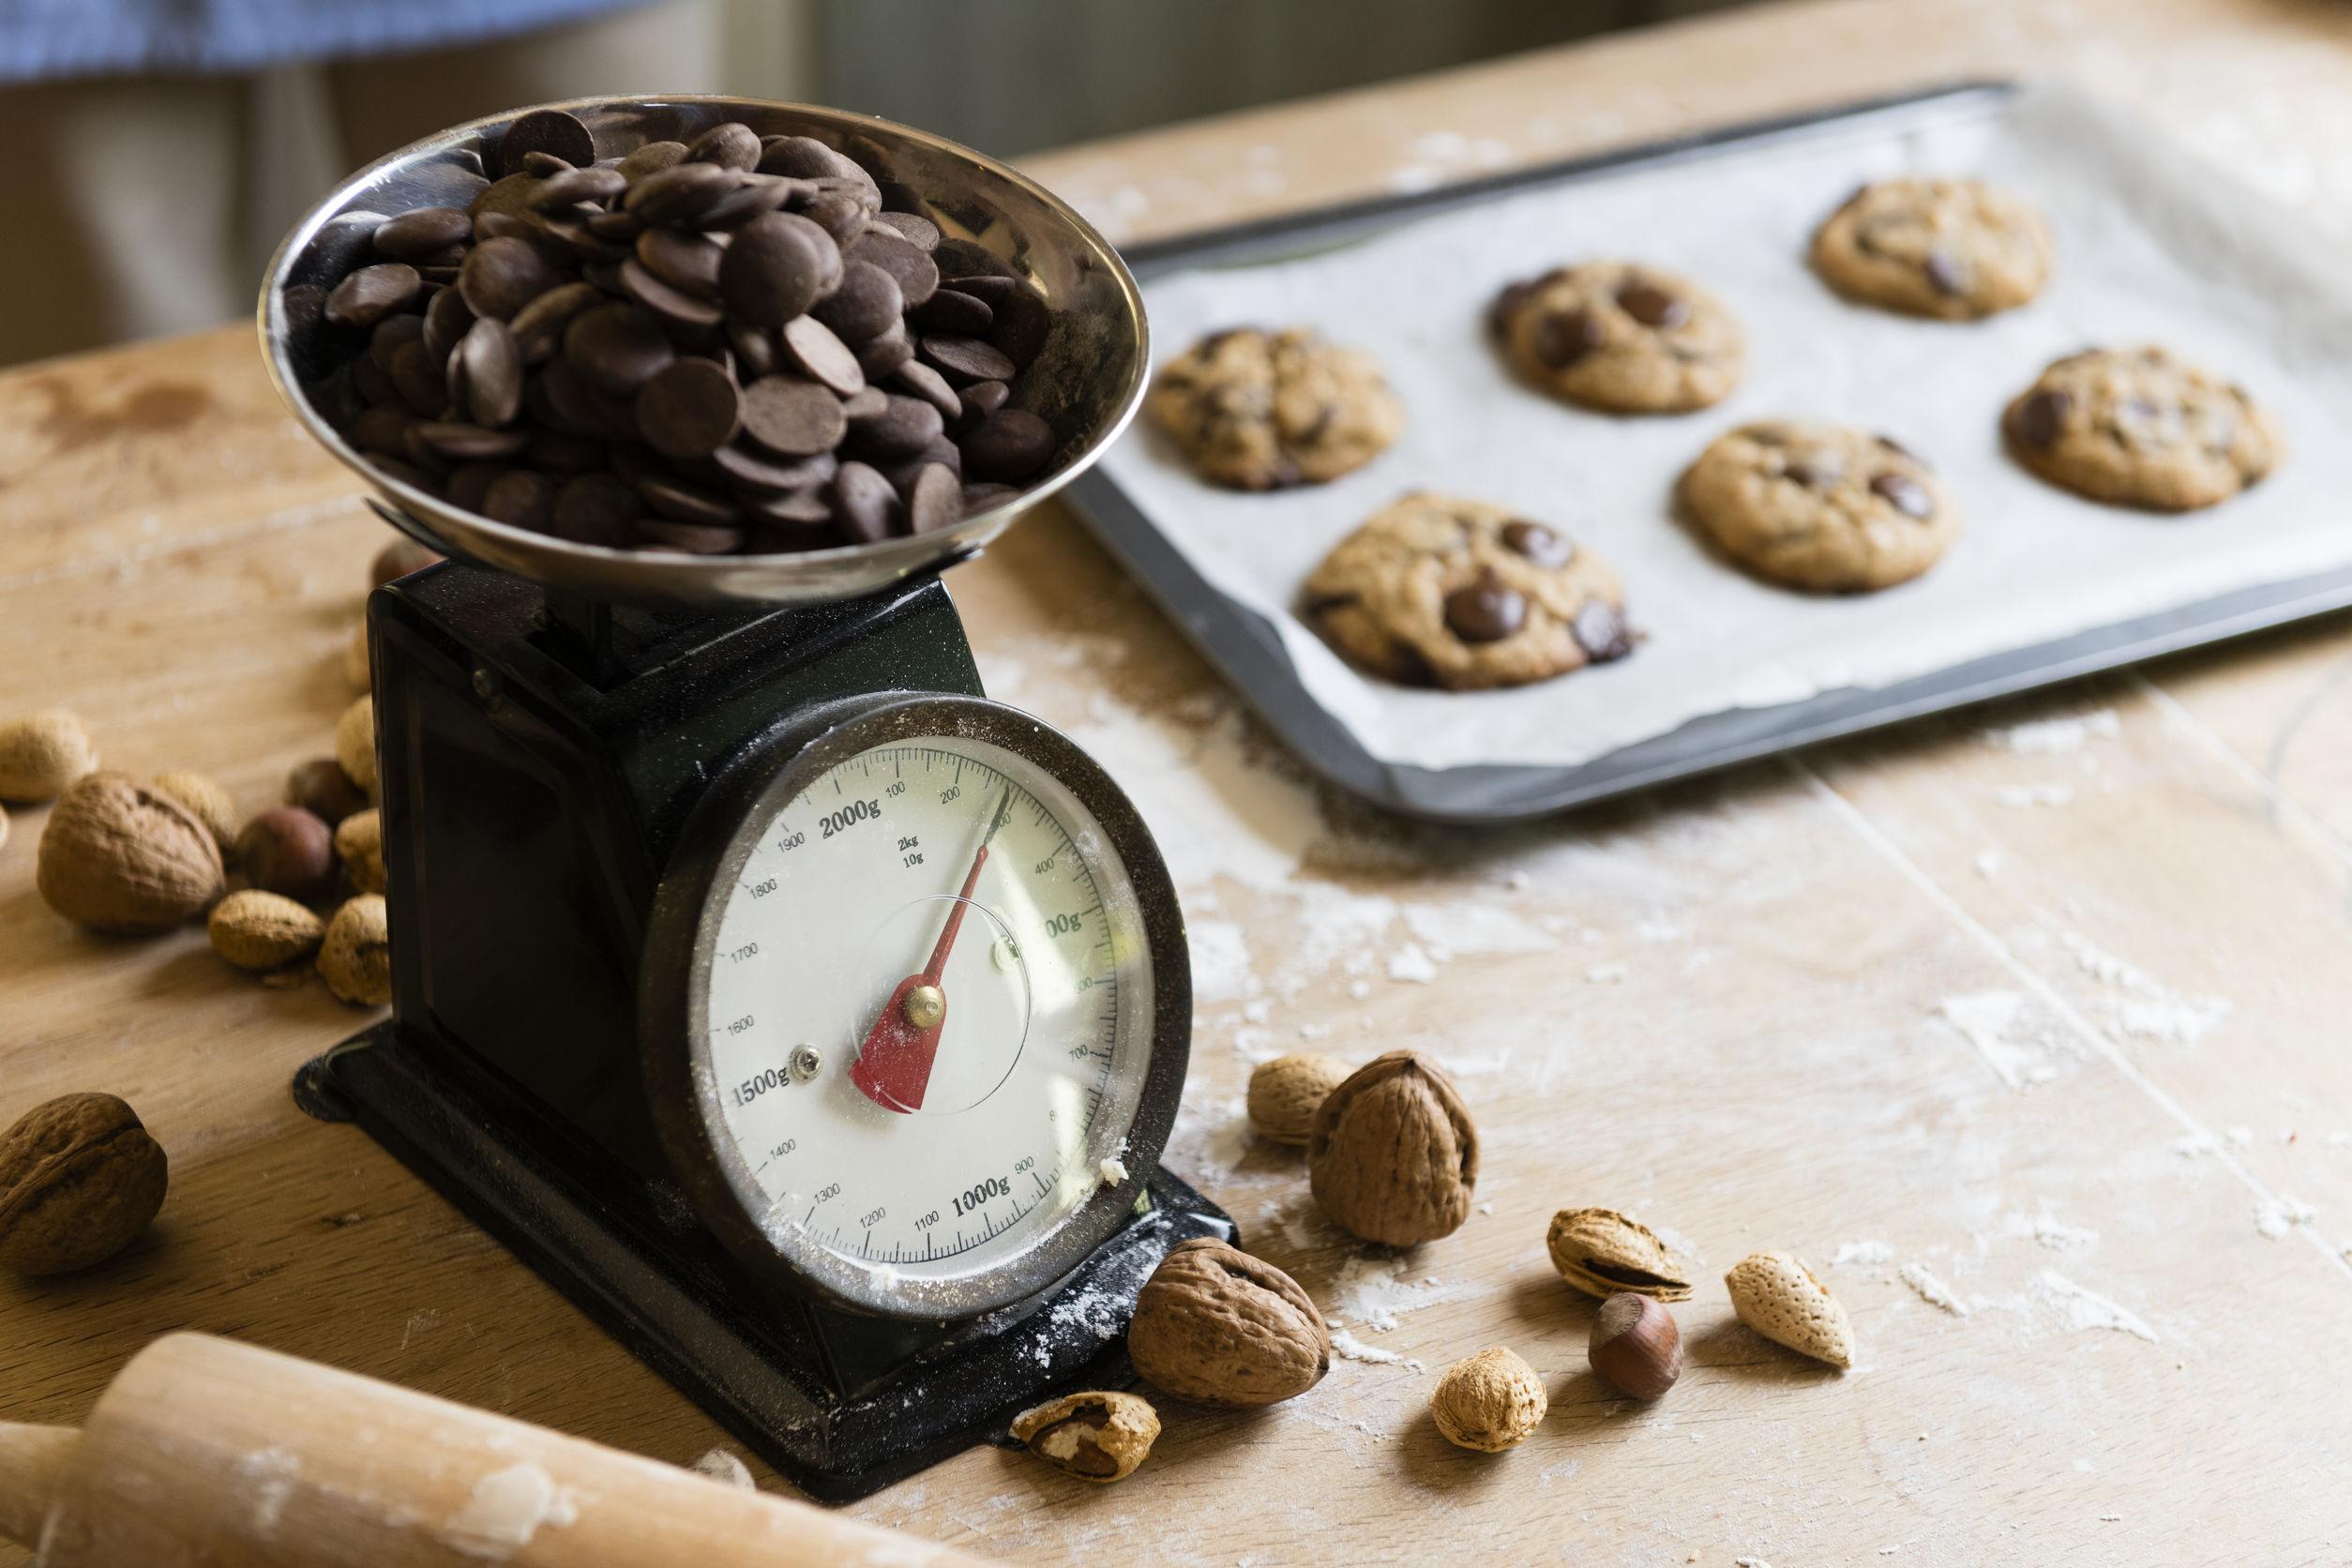 Miglior bilancia da cucina 2020: Guida all'acquisto